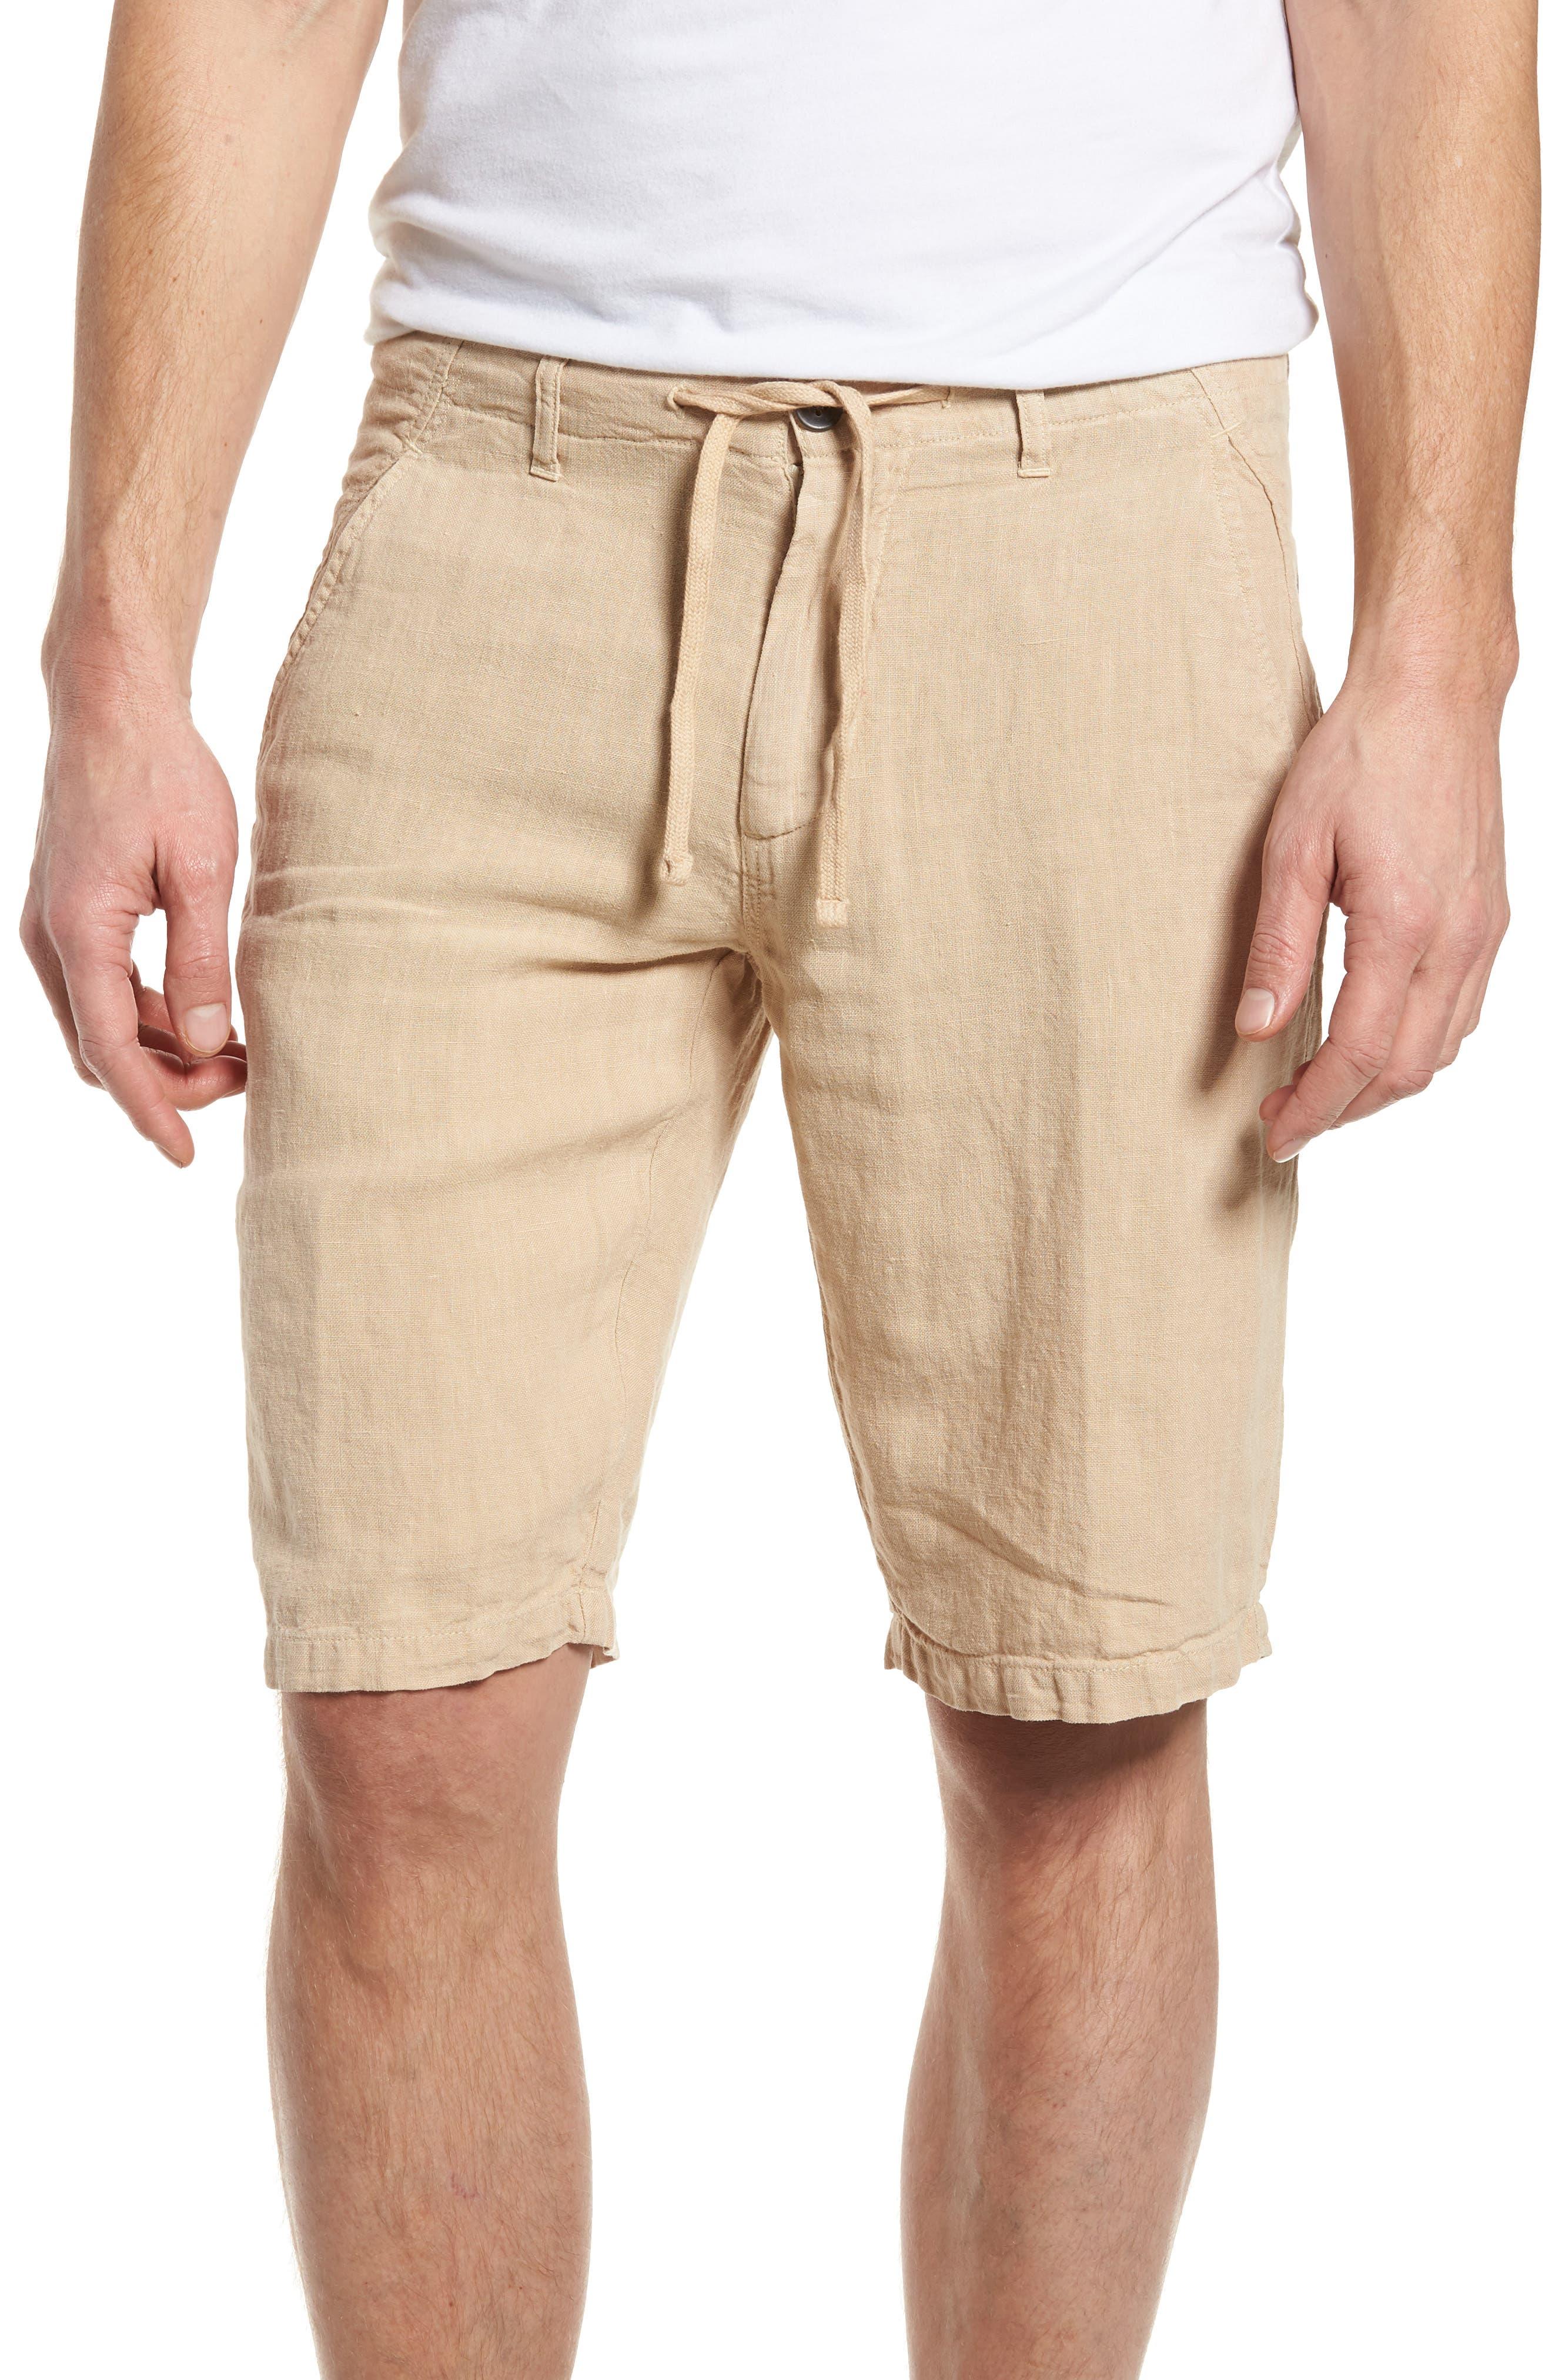 & Bros. Linen Shorts,                         Main,                         color, 200